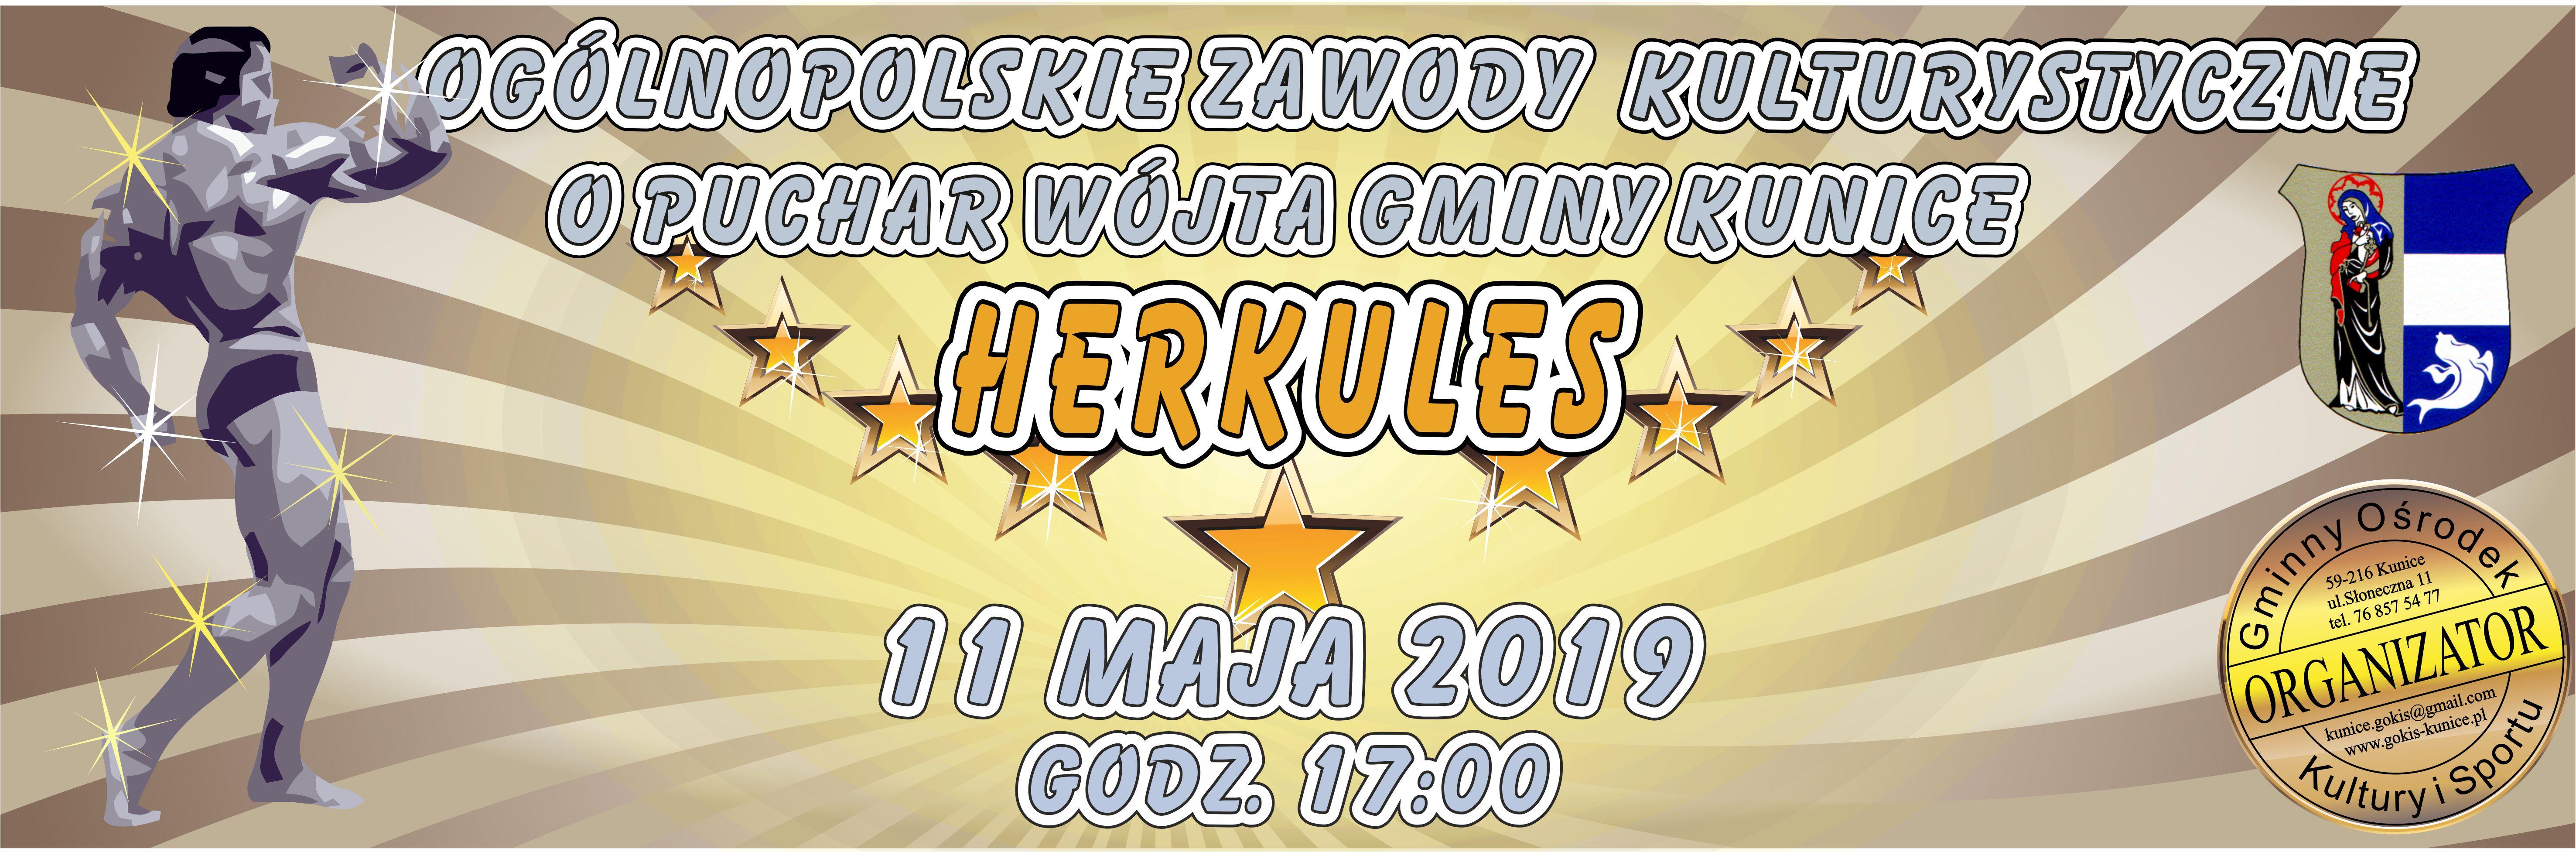 http://www.gokis-kunice.pl/imprezy/herkules/